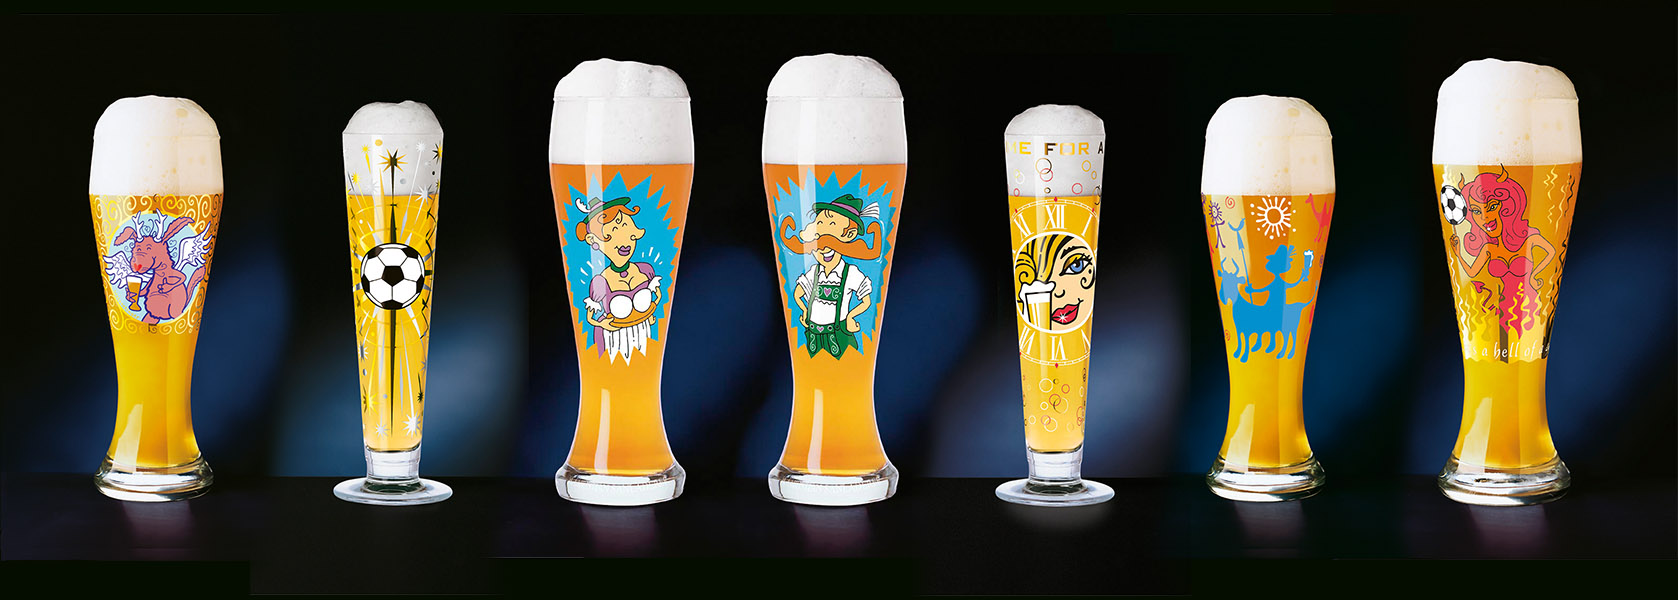 Pils- und Weizen-Gläser, Produkt-Dekore für Ritzenhoff